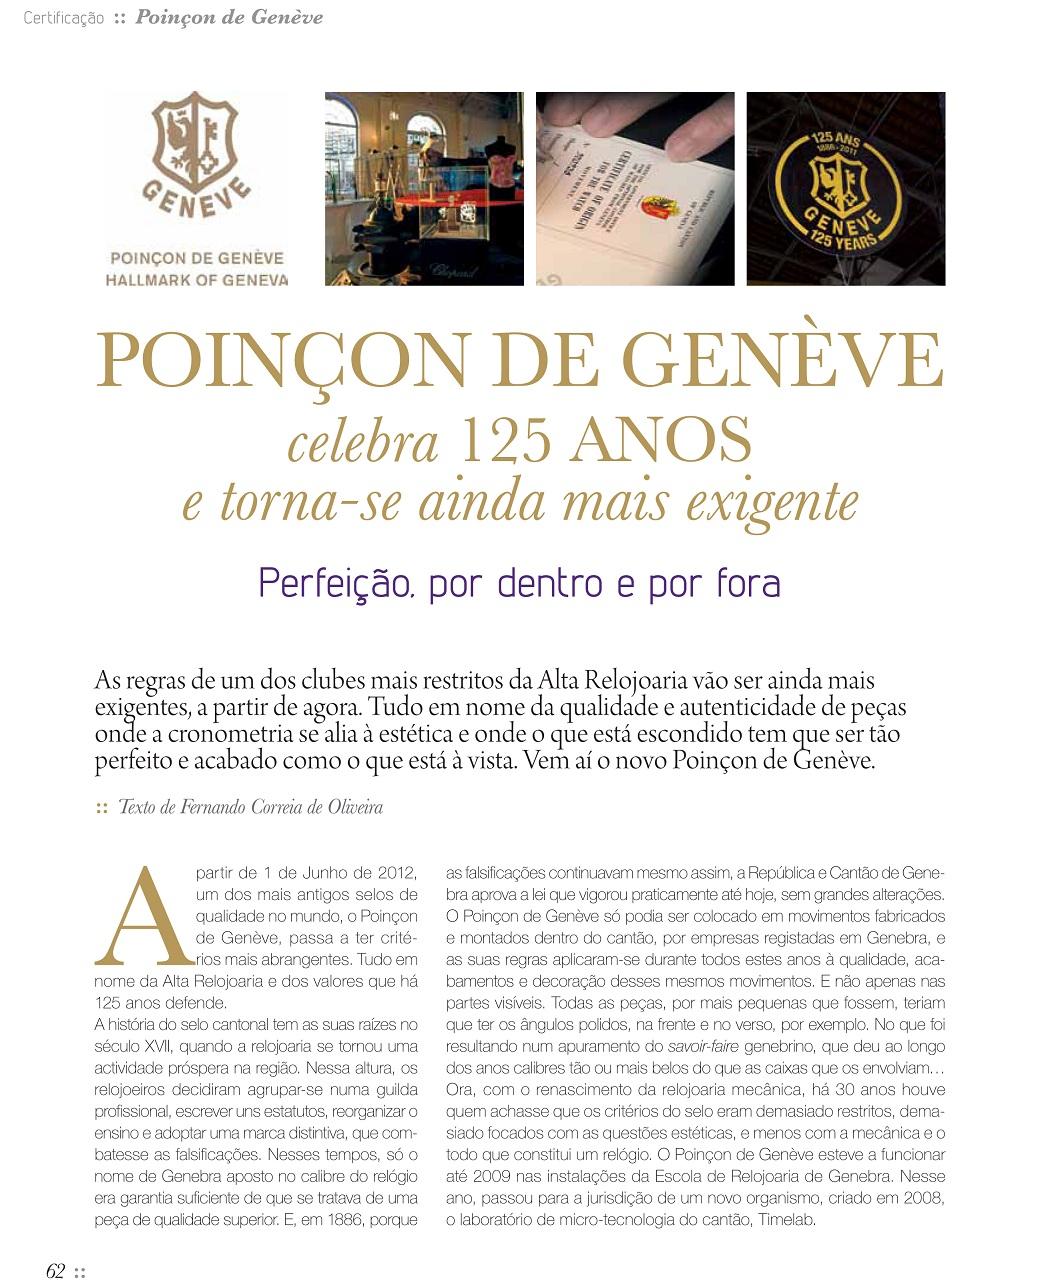 7e5dad7753c Estação Cronográfica foi o único orgão de comunicação social de língua  portuguesa presente nas comemorações do 125º aniversário do selo de  qualidade Poinçon ...